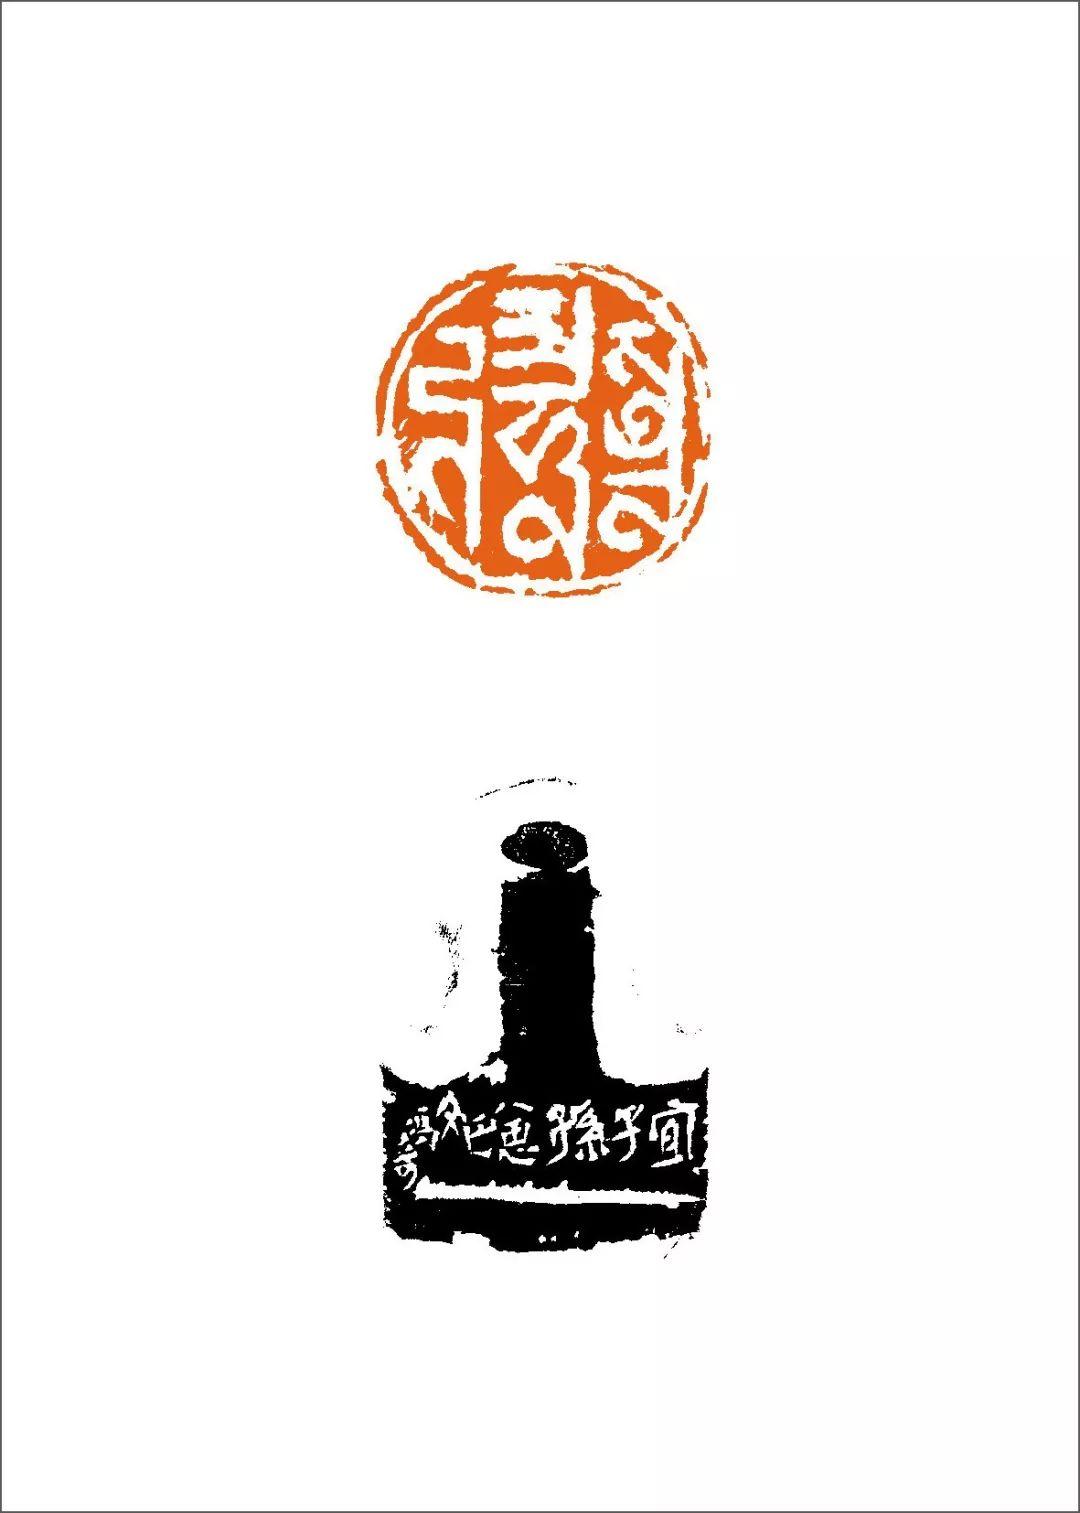 篆刻丛谈:八思巴文篆刻原石赏析 第39张